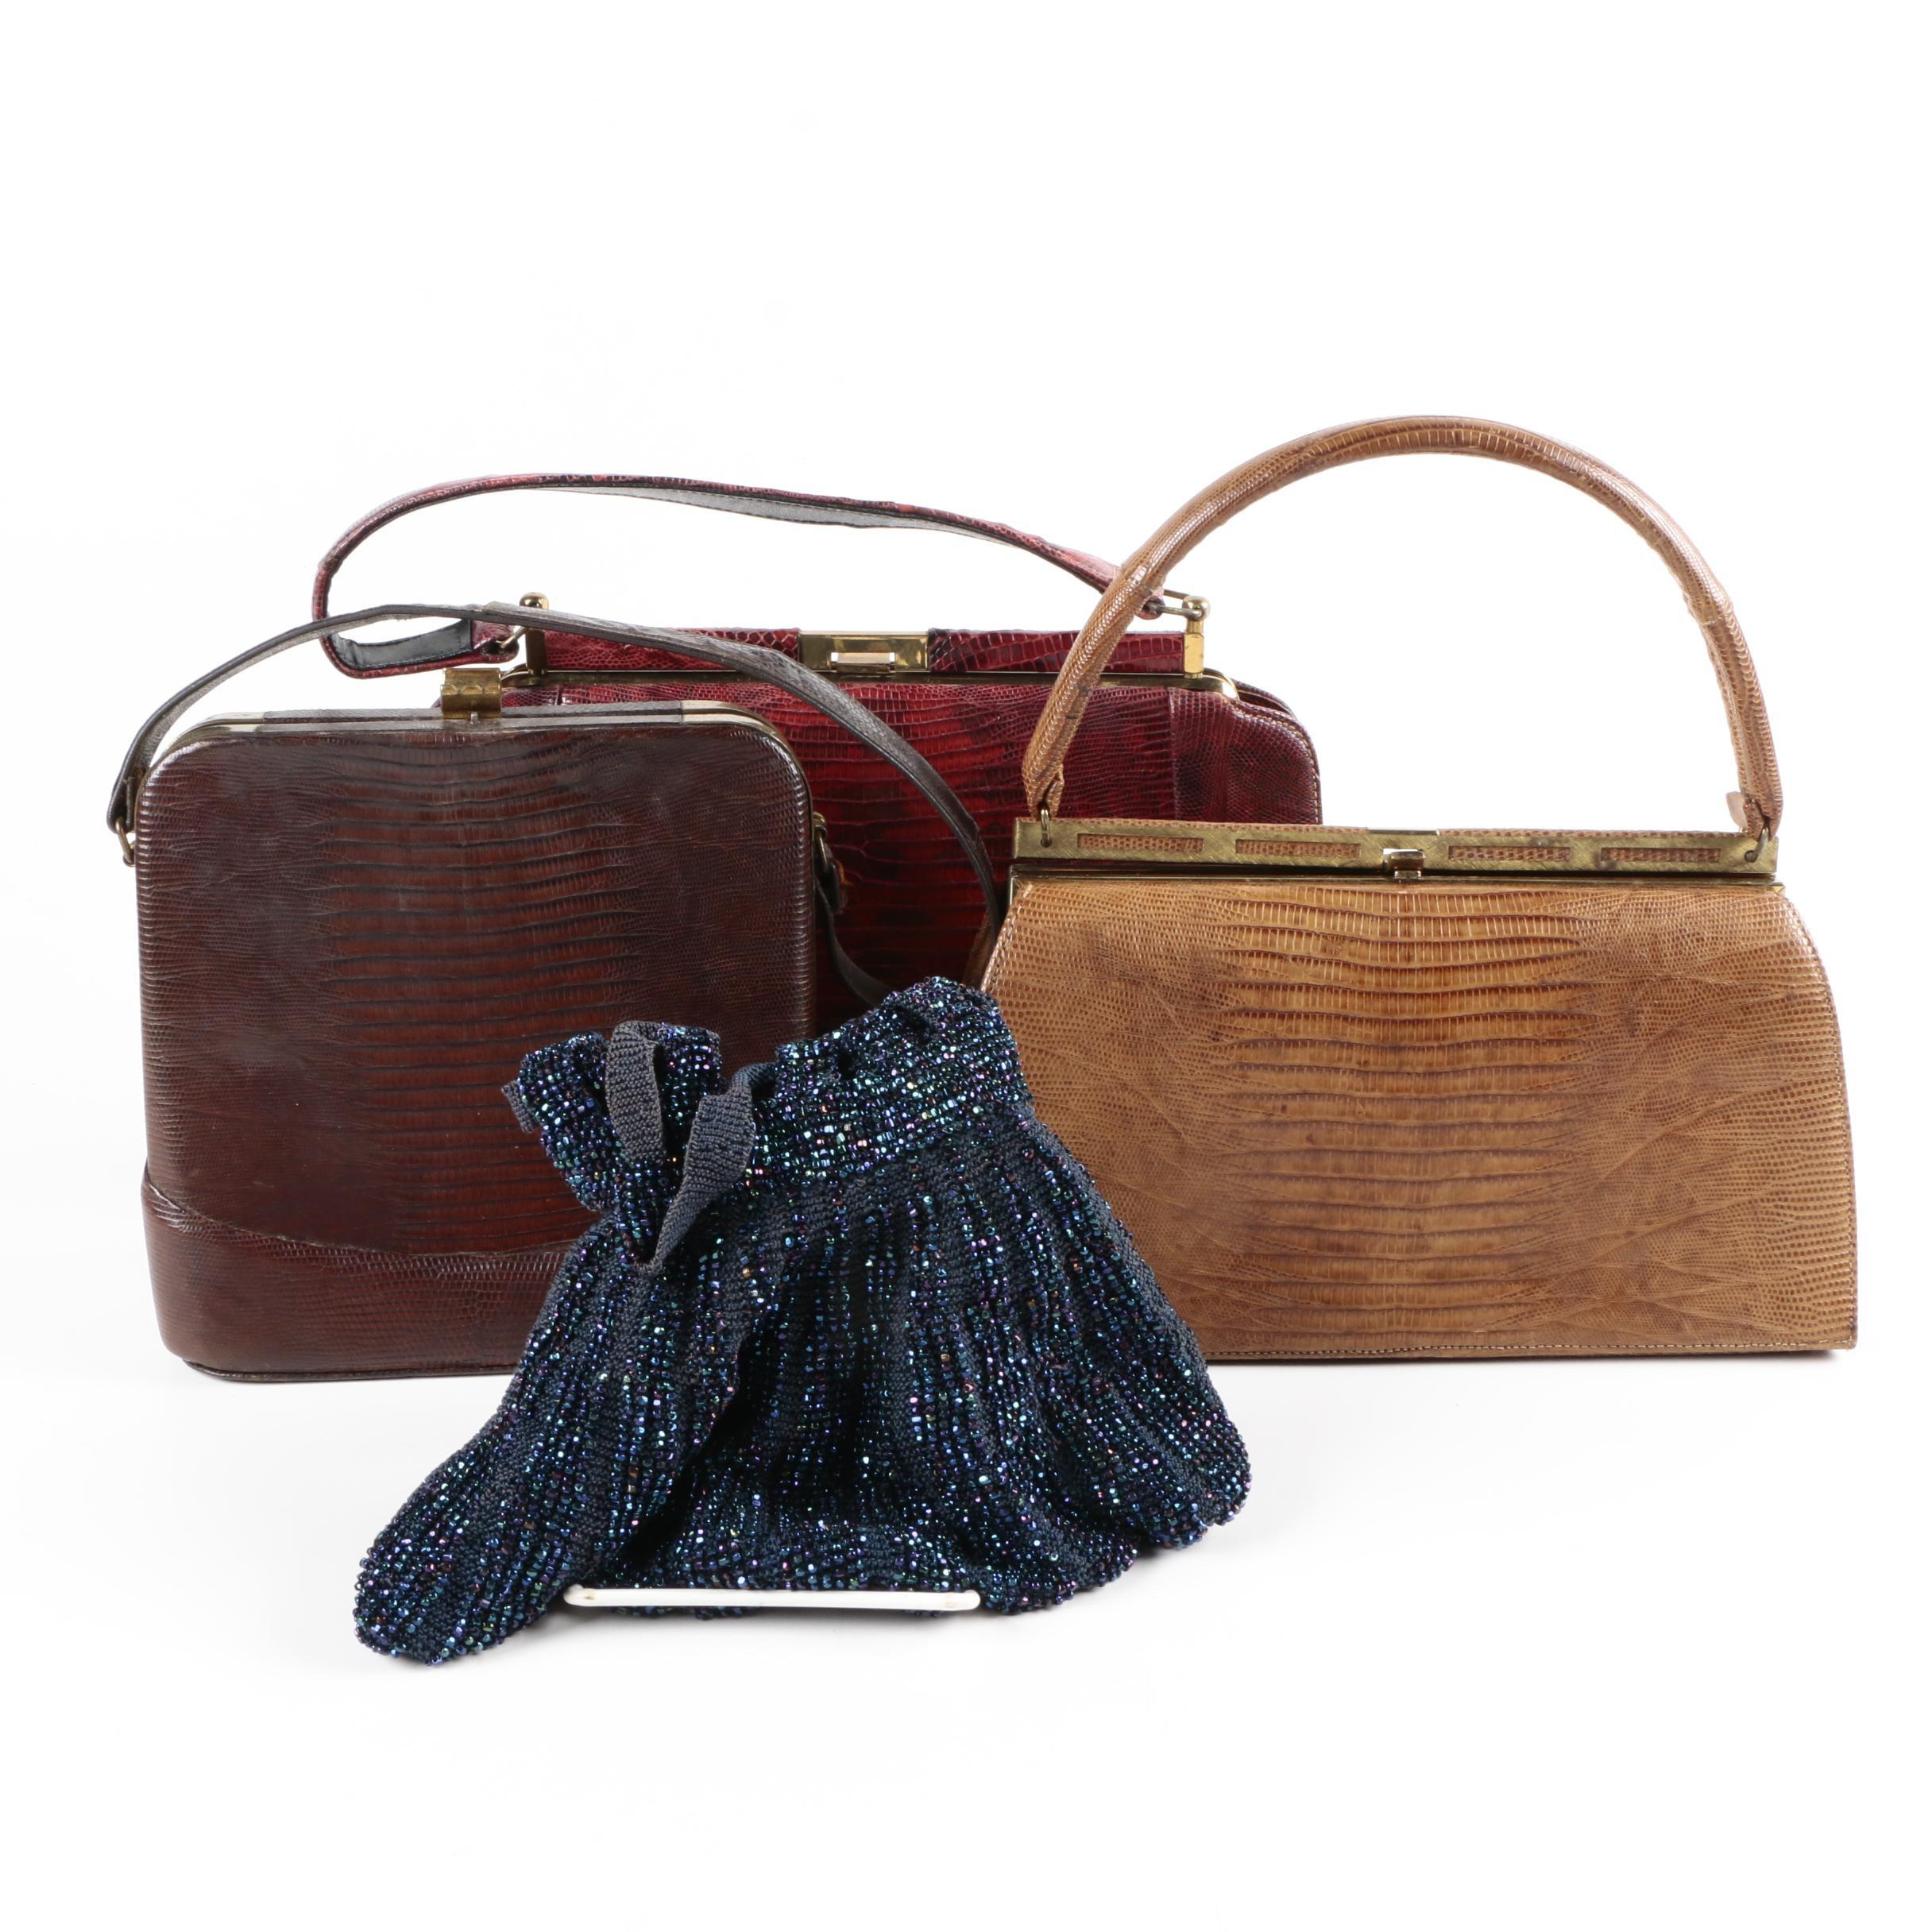 Vintage Lizard Skin and Beaded Handbags Including Bellestone